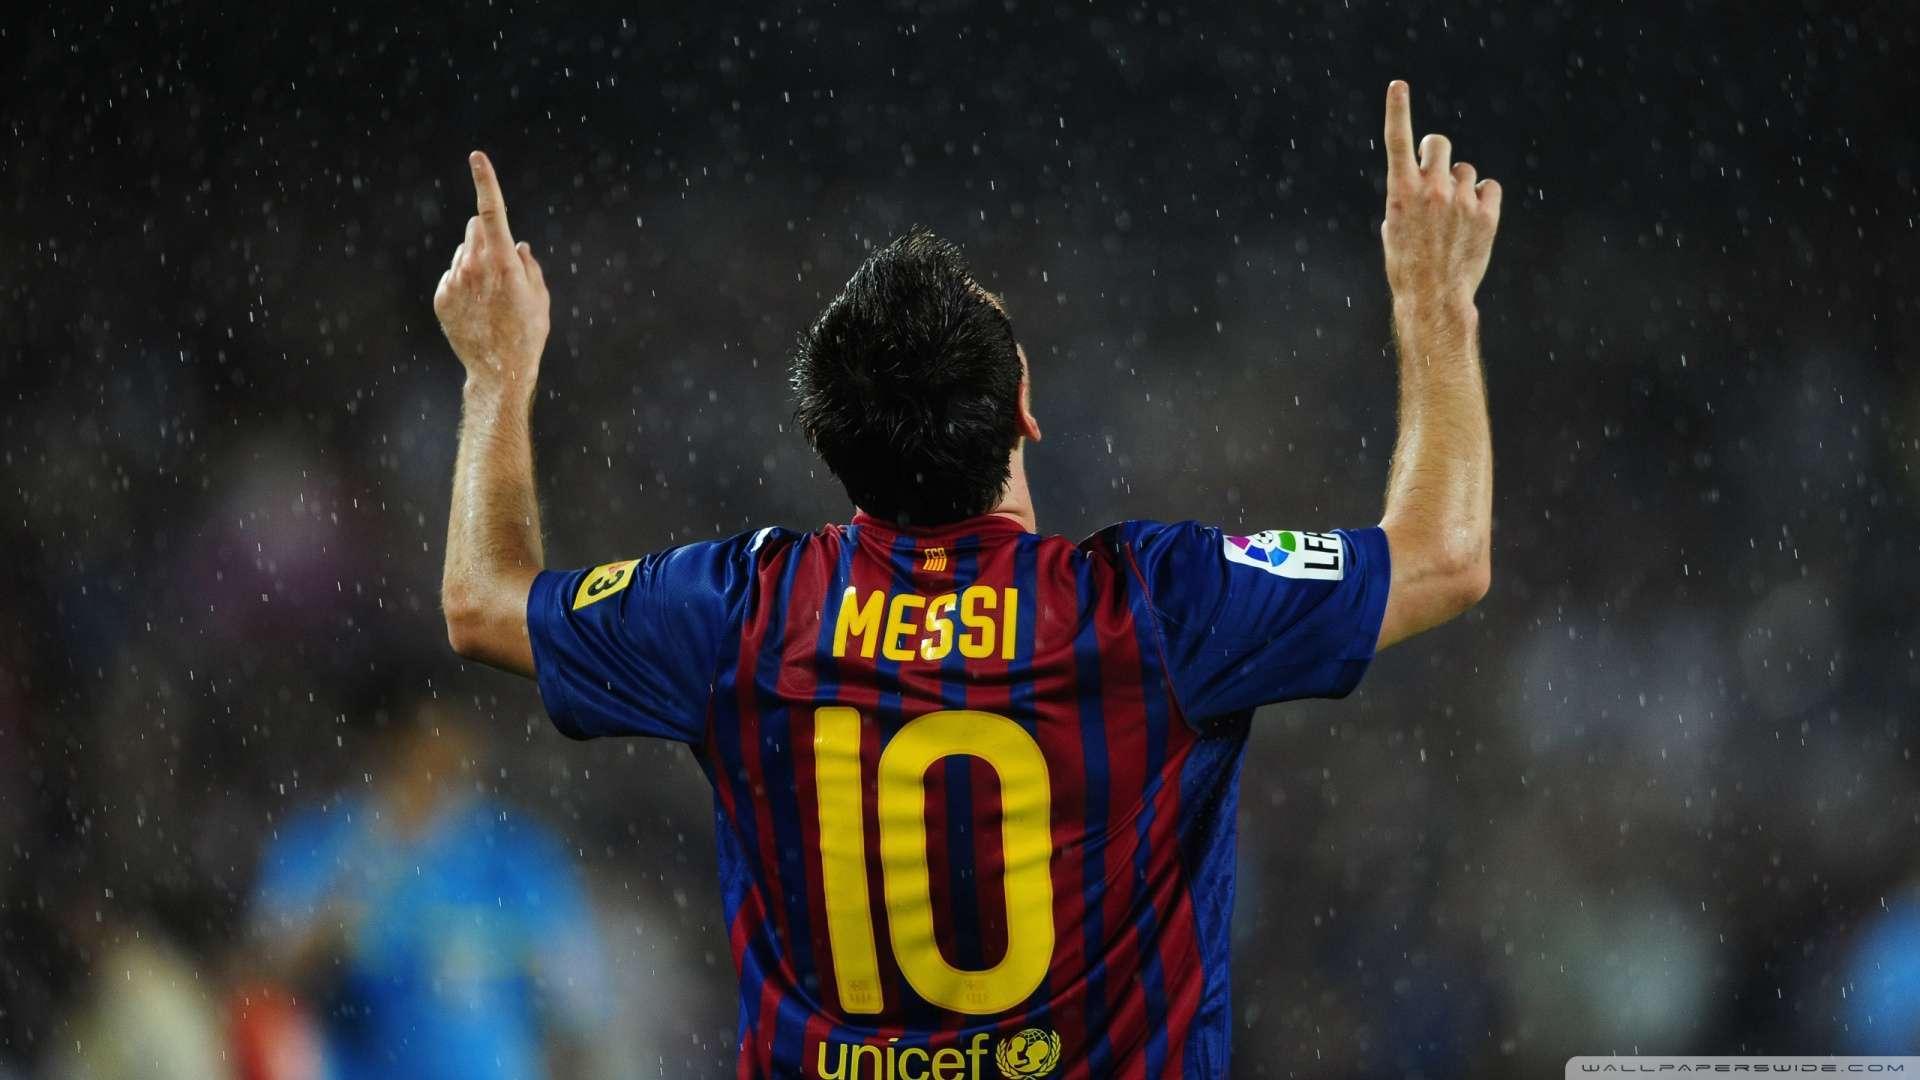 Lionel Messi 2012 Wallpaper 1080p HD HDWallWidecom 1920x1080